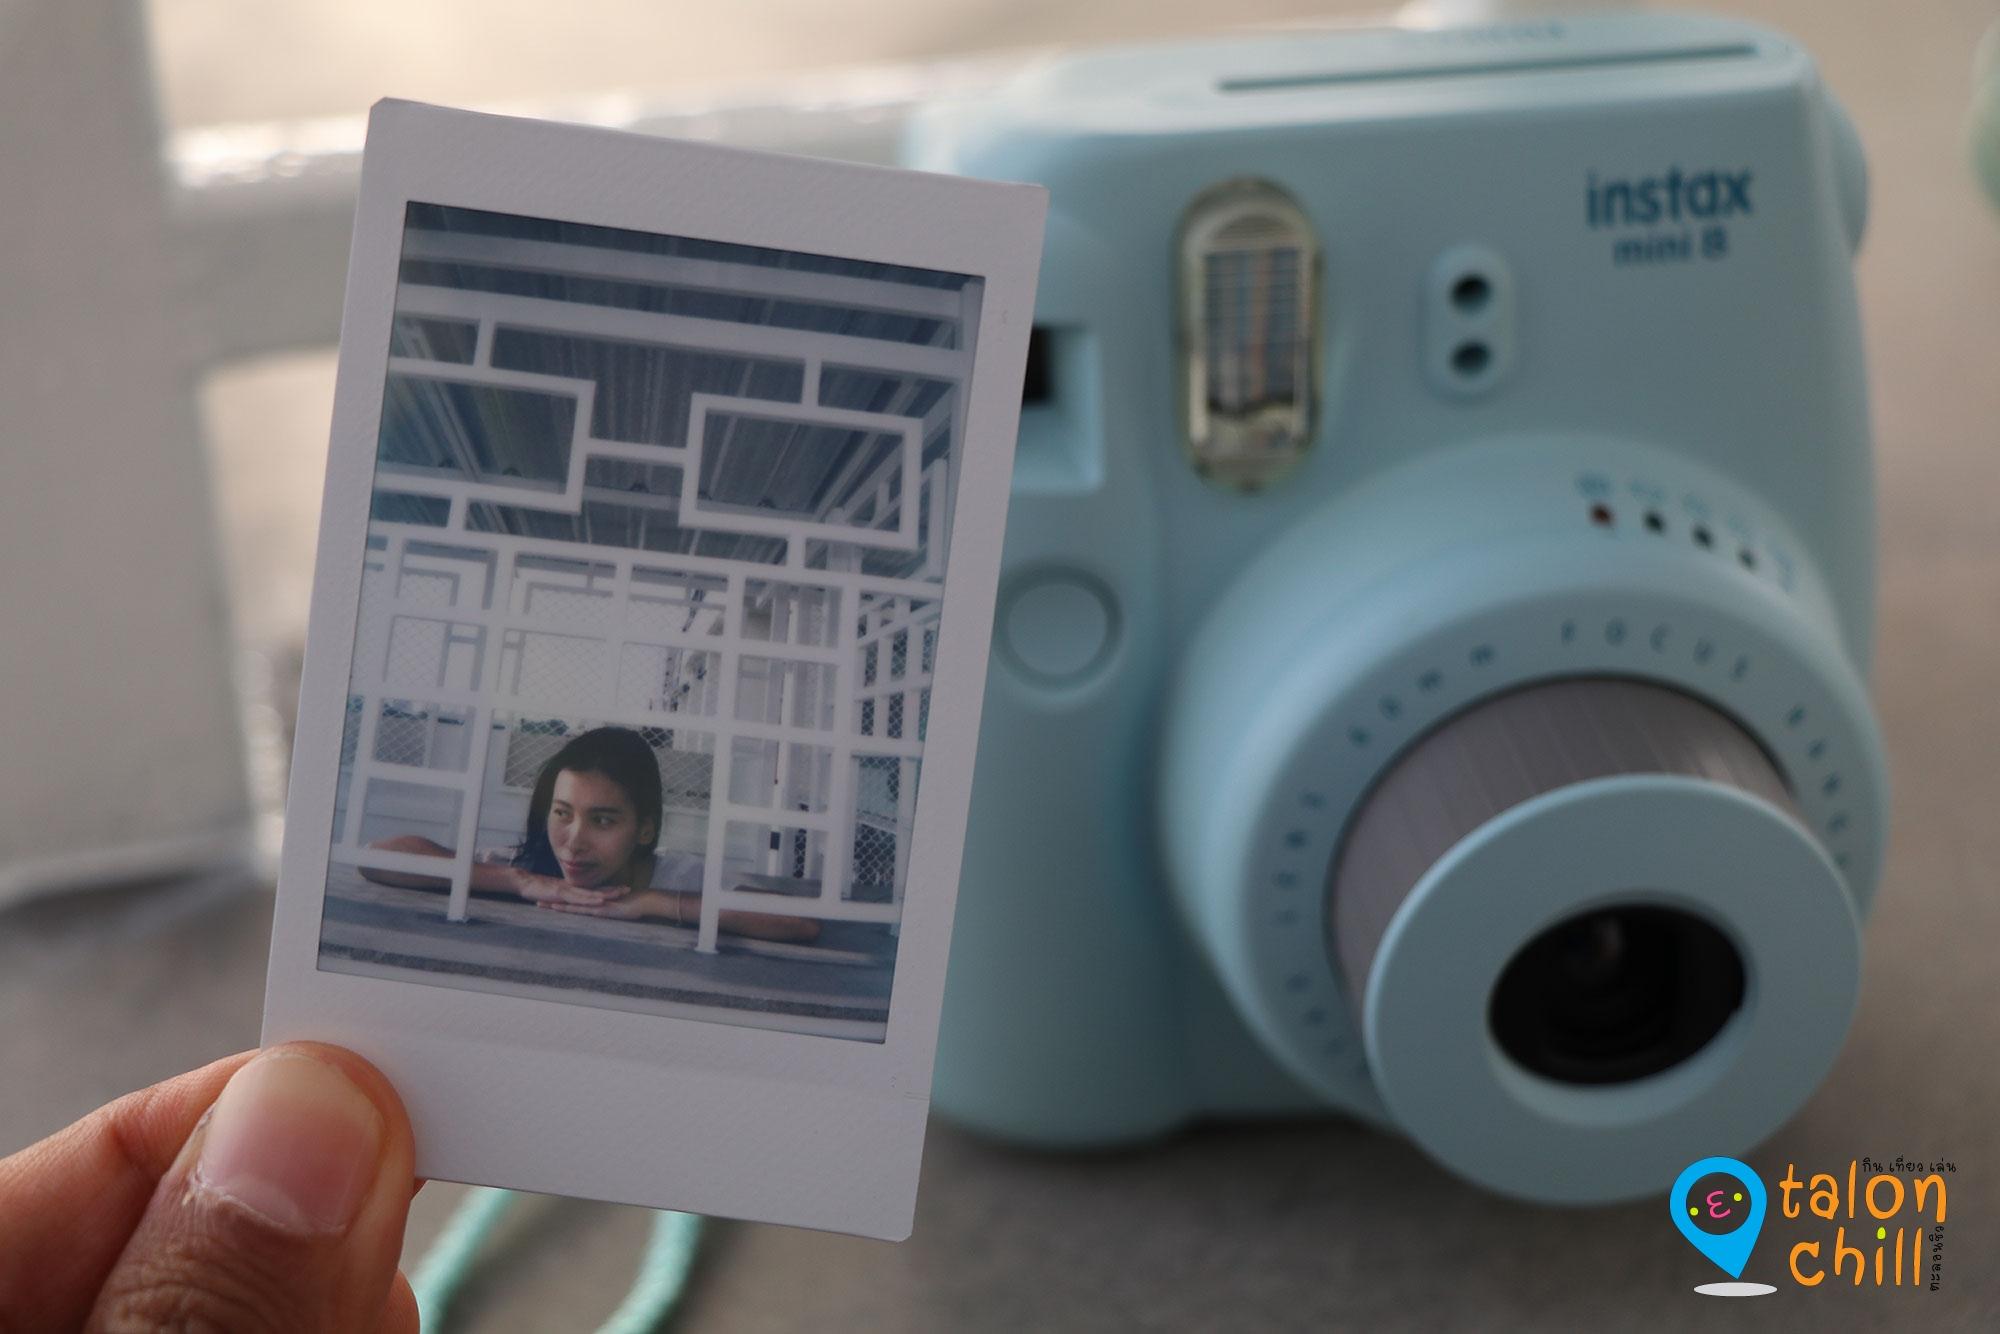 [แกะกล่อง] กล้อง FUJIFILM Instax Mini 8 (กล้องโพลารอยด์)